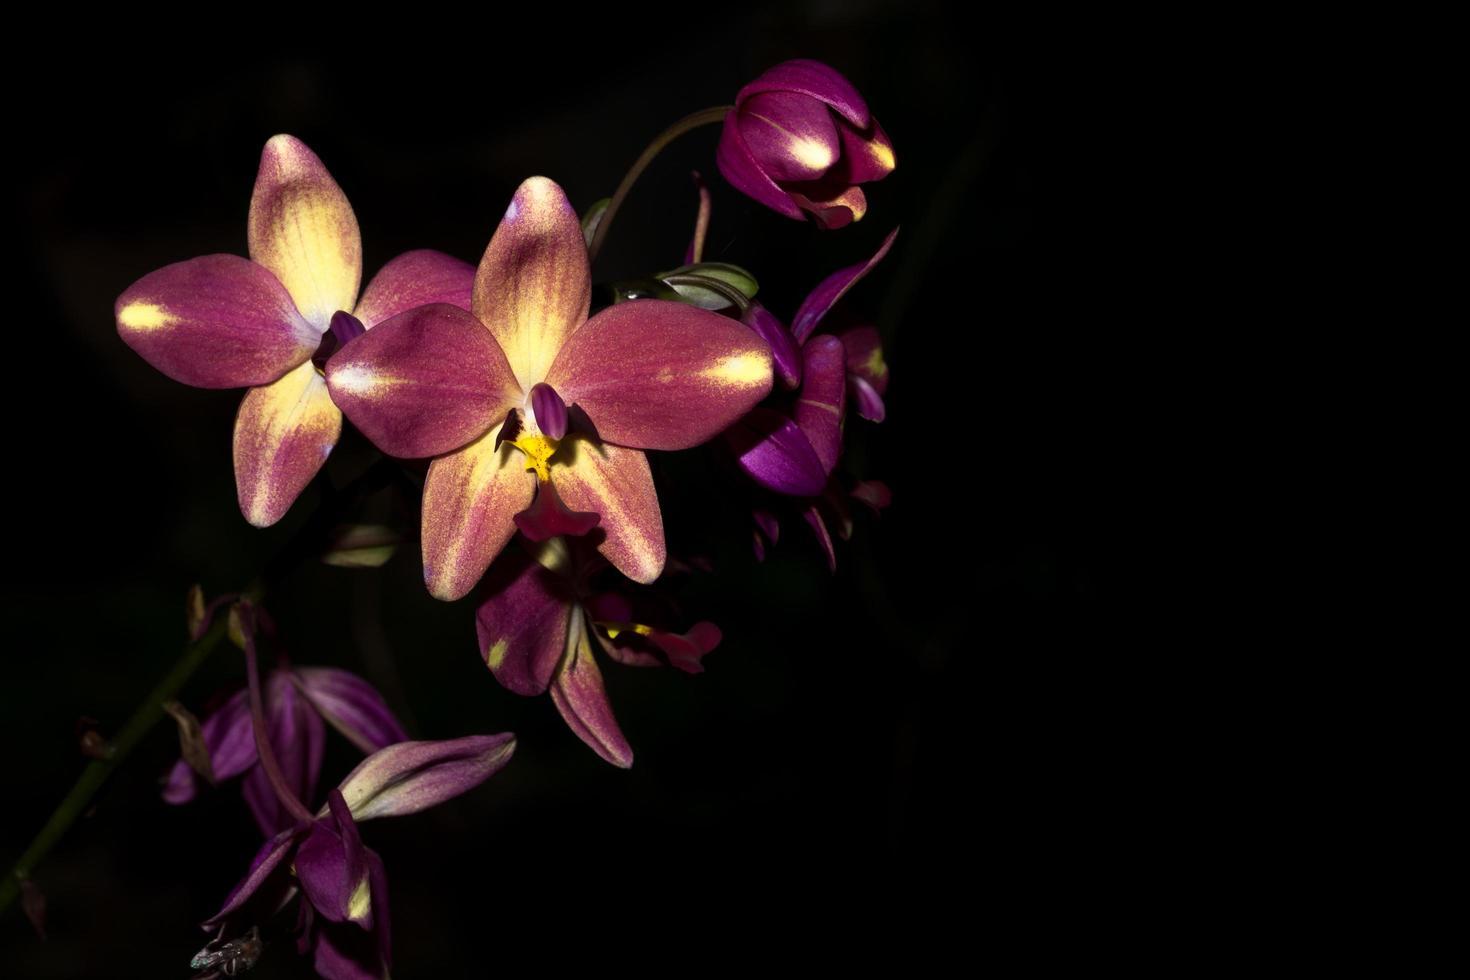 fleurs d'orchidées violettes photo